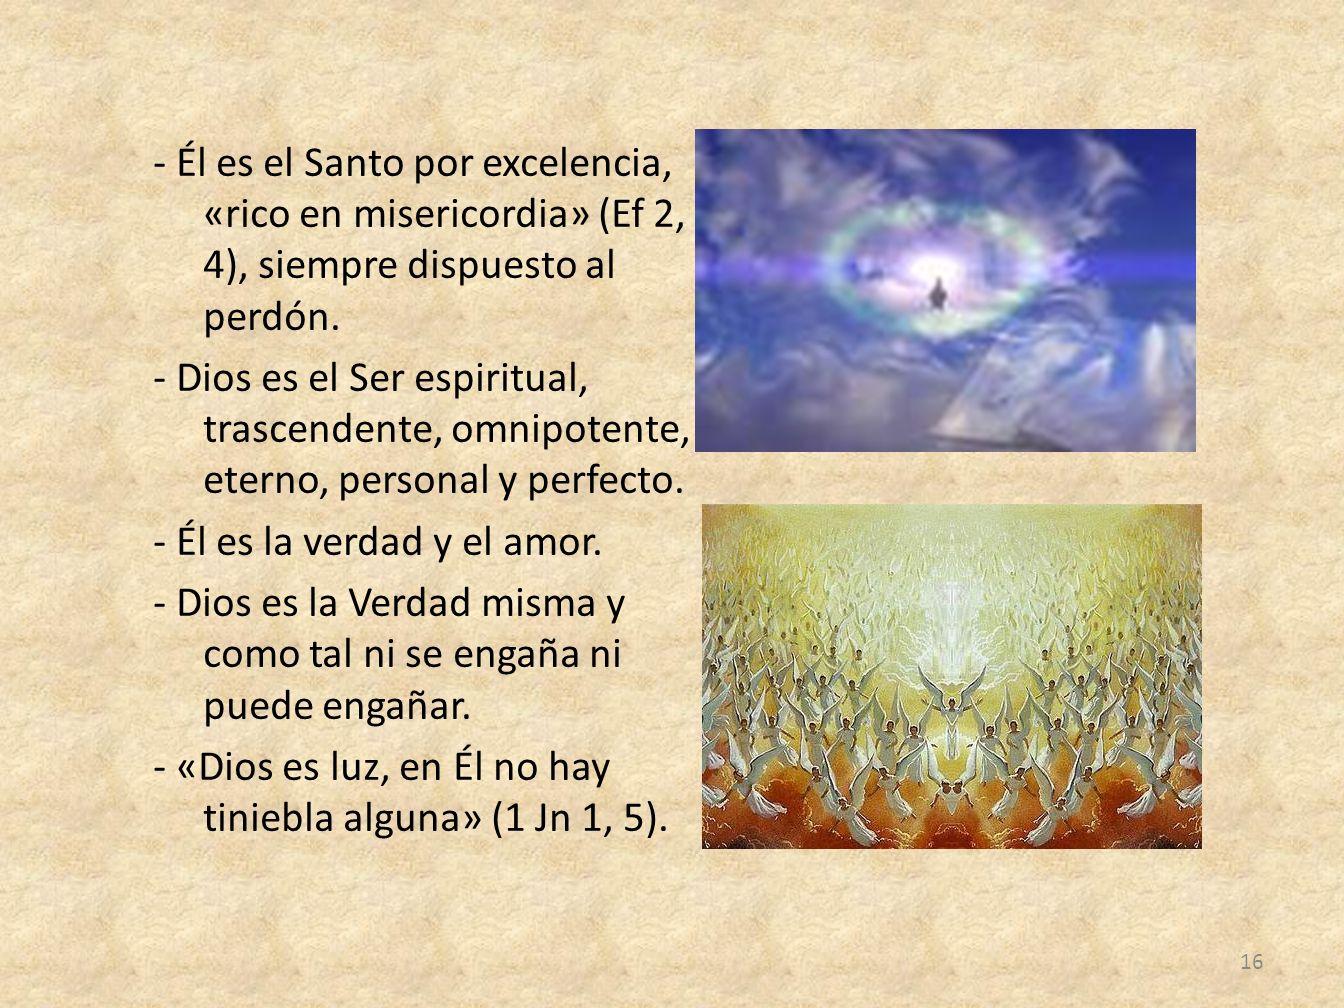 - Él es el Santo por excelencia, «rico en misericordia» (Ef 2, 4), siempre dispuesto al perdón. - Dios es el Ser espiritual, trascendente, omnipotente